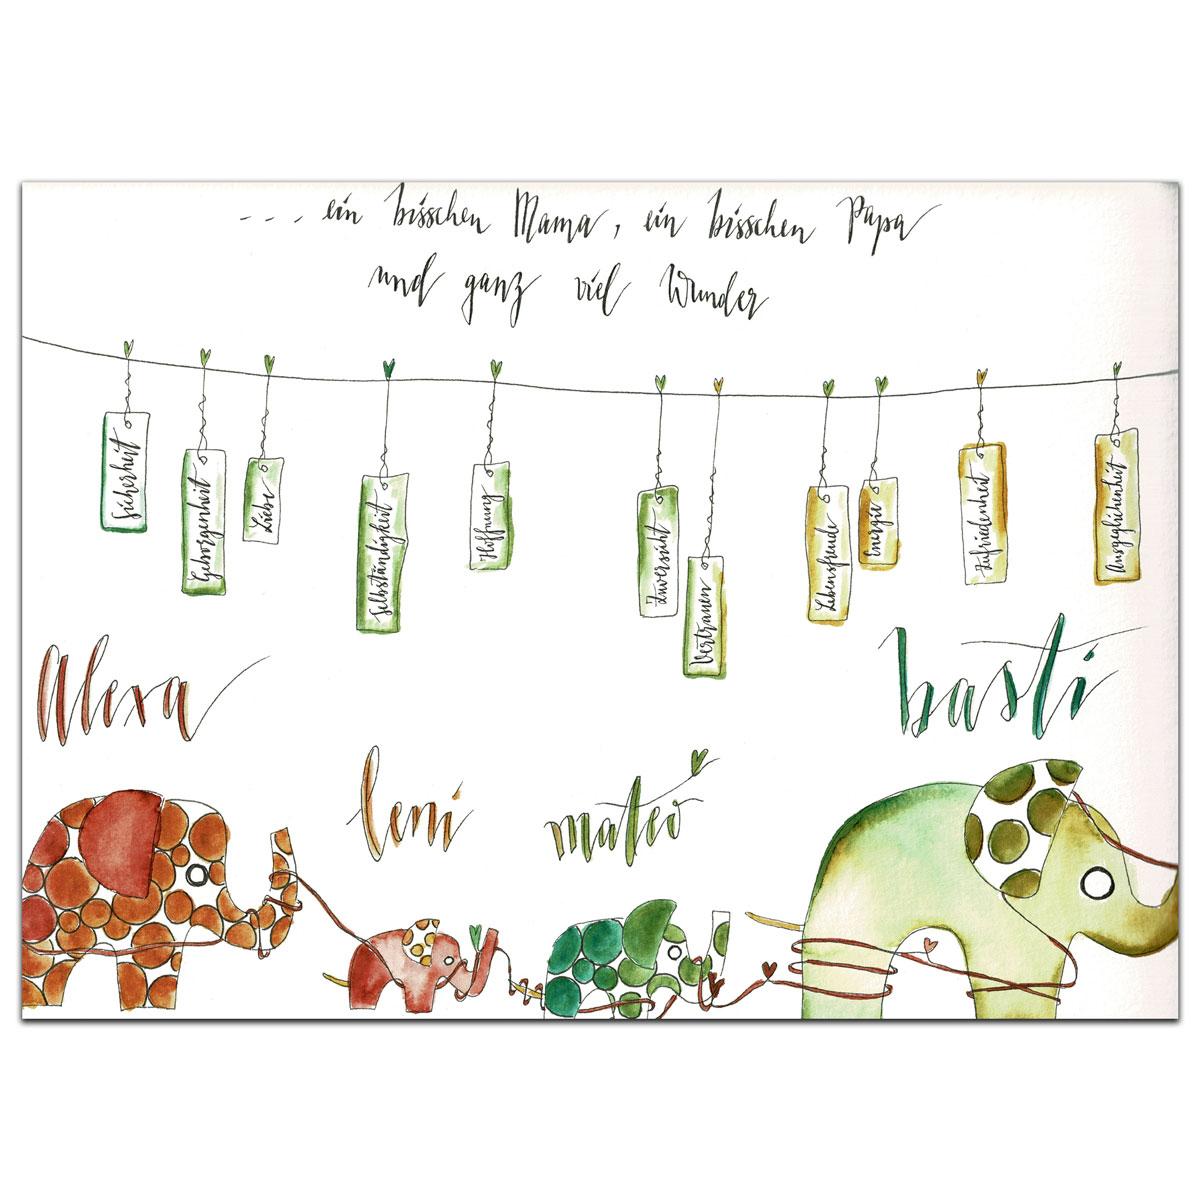 Aquarell mit einer Elefantenfamilie und Wünschen zur Geburt oder Taufe